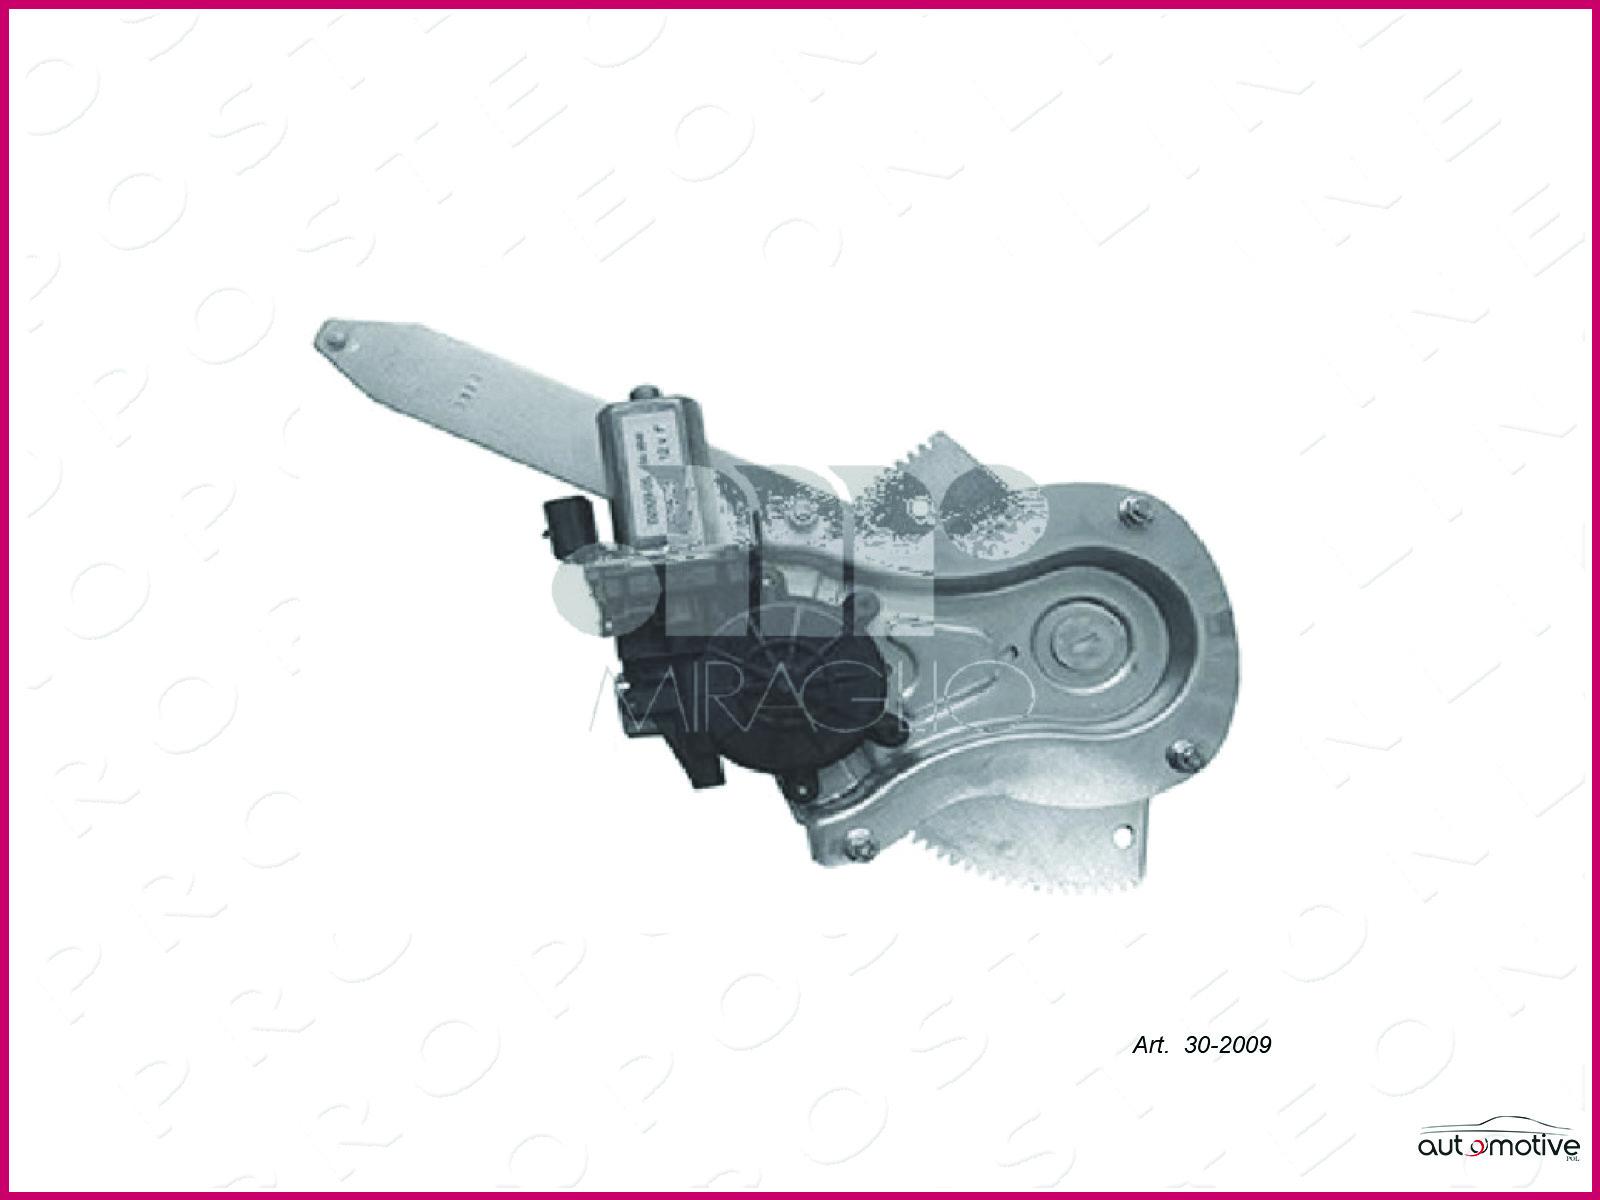 Leve-vitre-Vitres-Electriques-Electrique-Arriere-SX-Dr-DR5-5-Portes-Du-2007-1708